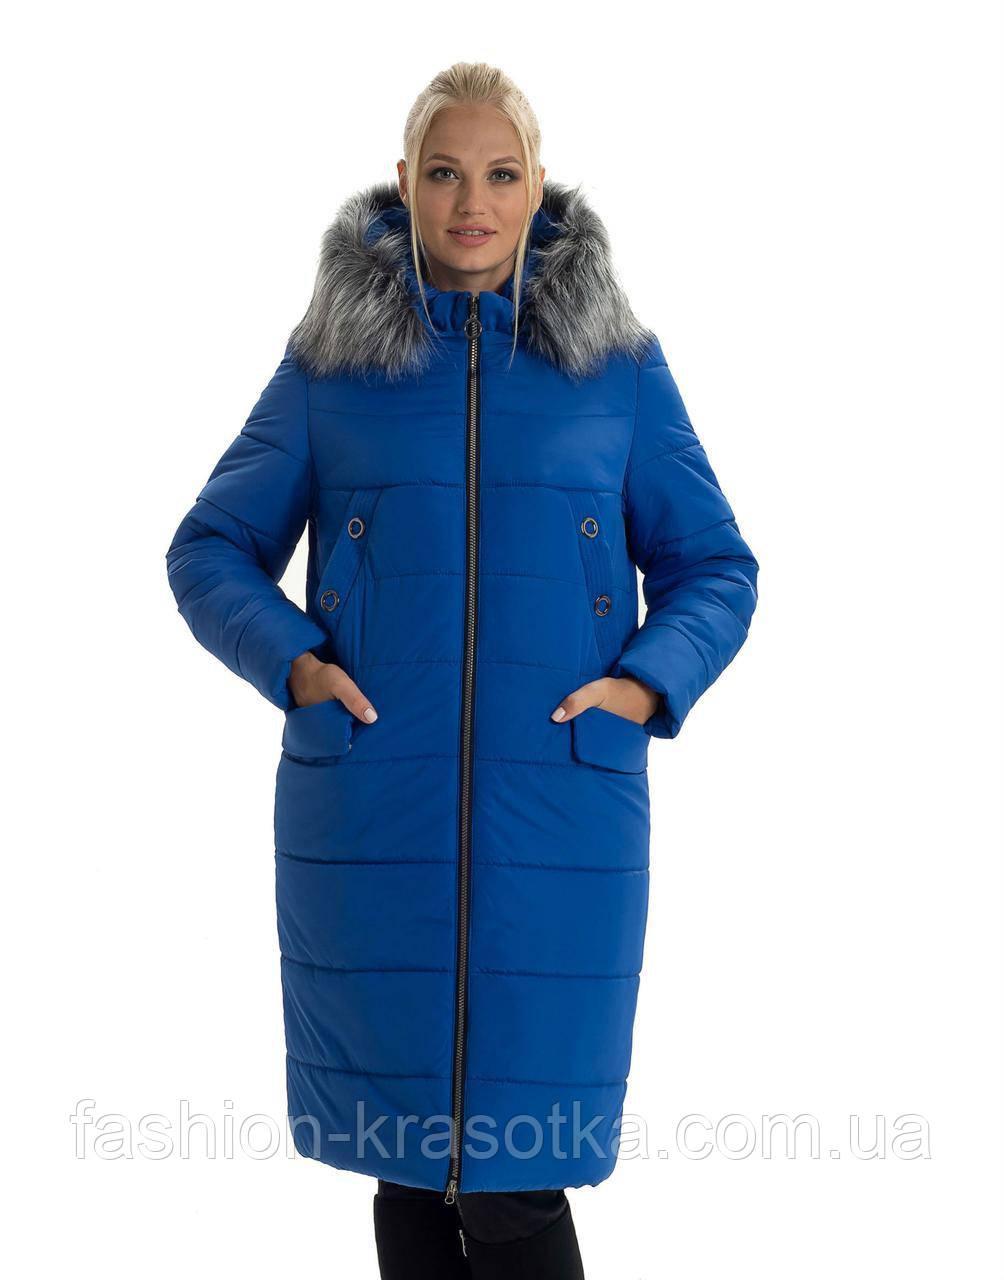 Зимний женский пуховик с искусственным мехом,размеры:44-60 .